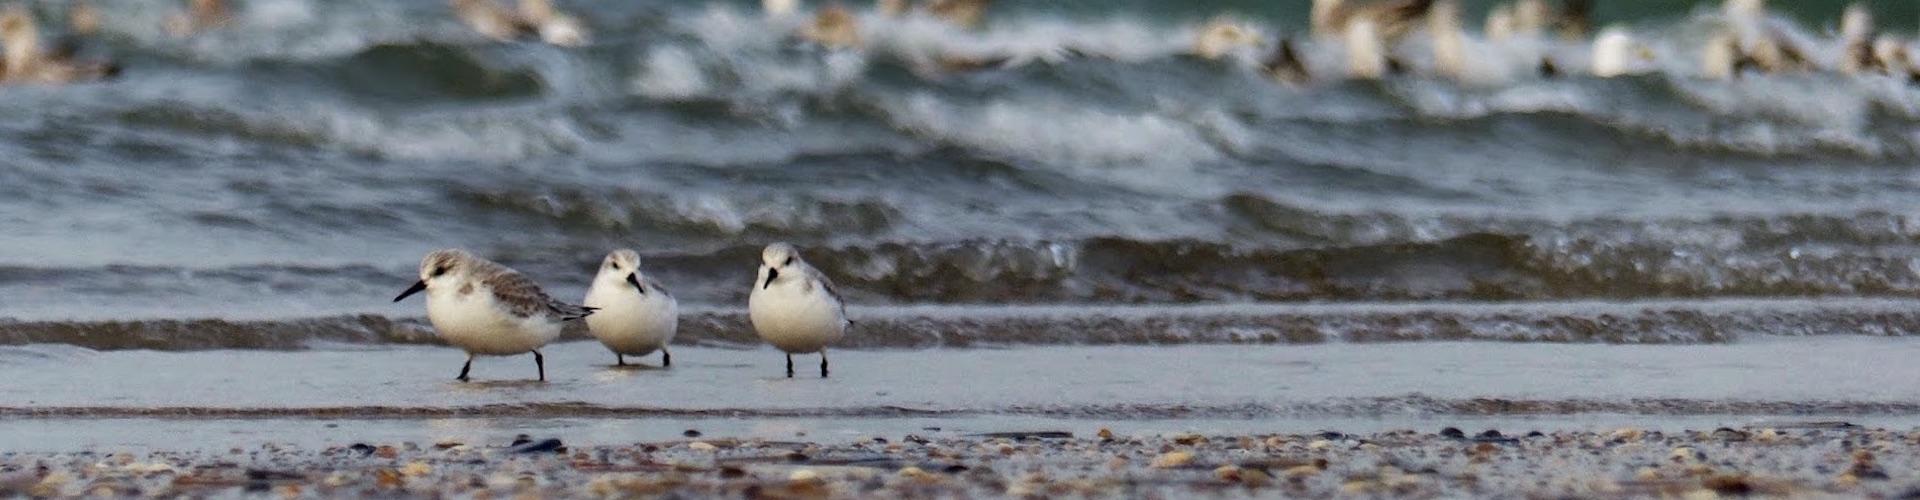 vogels-strand